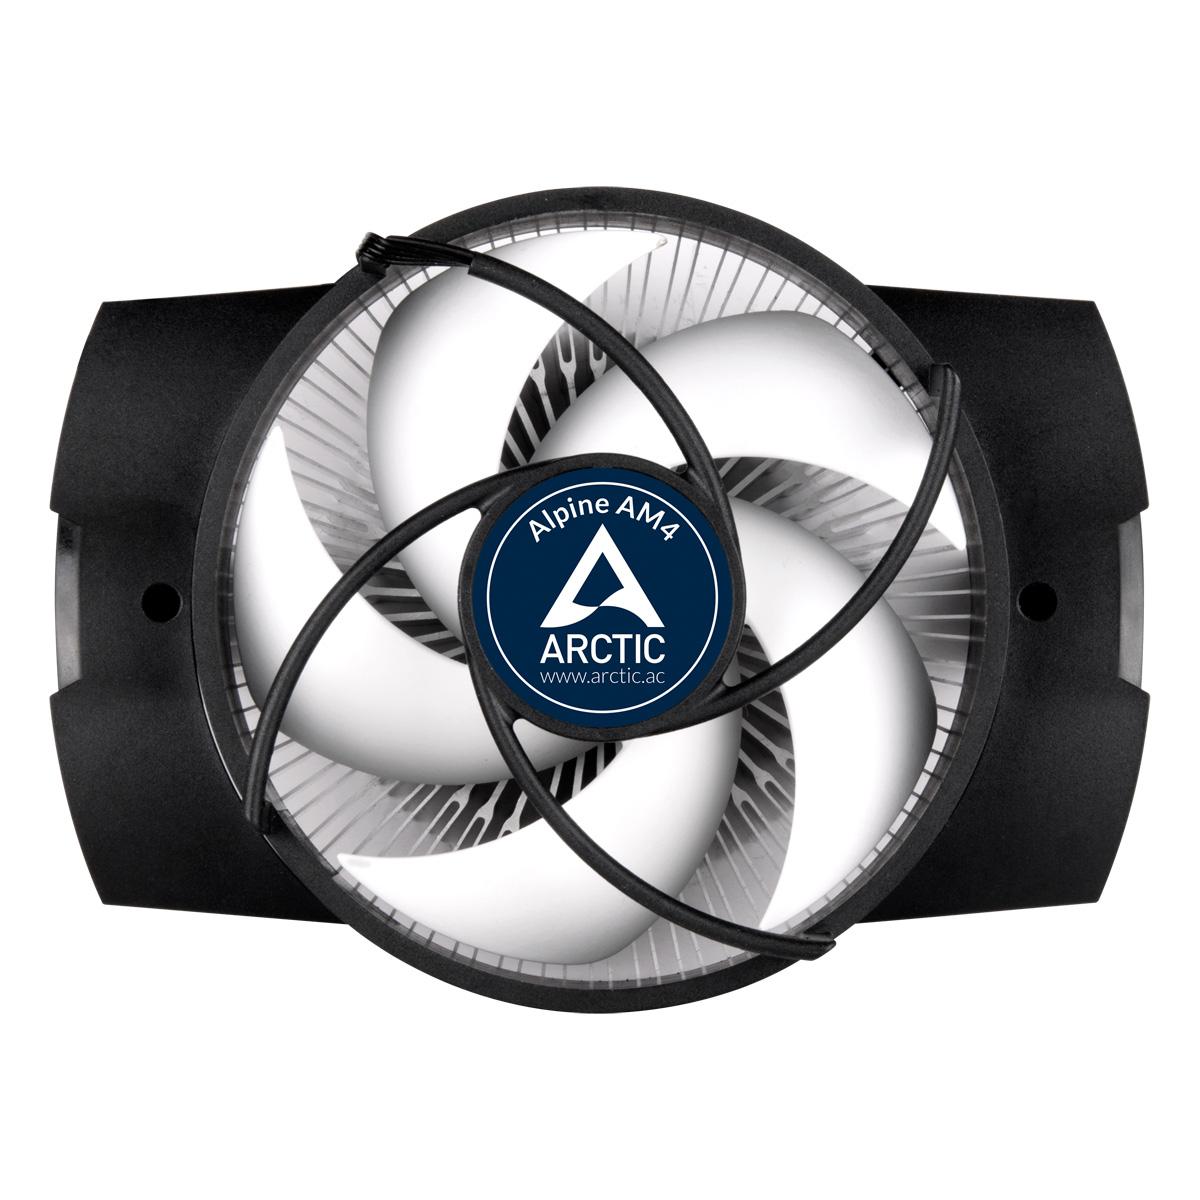 Kompakter AMD CPU-Kühler ARCTIC Alpine AM4 Vorderansicht